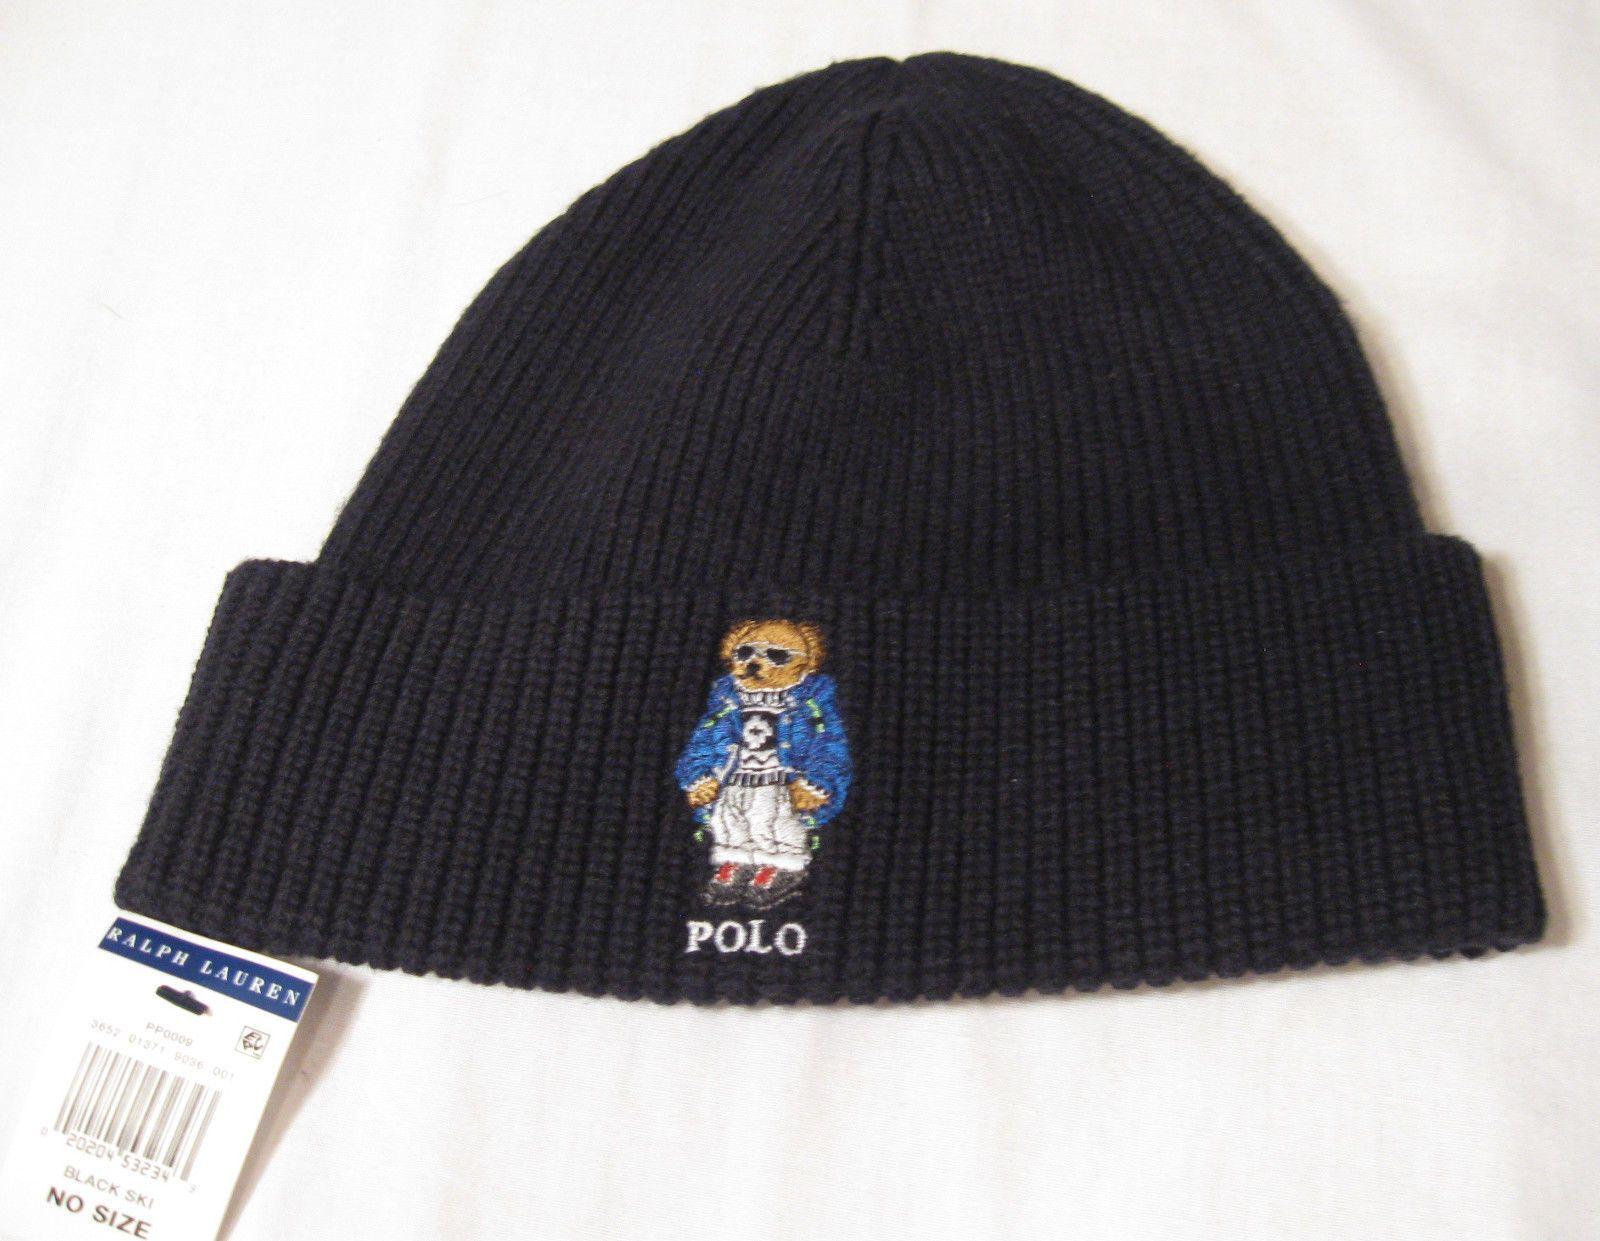 Polo Ralph Lauren POLO BEAR Knit Cuffed Hat NWT Black 2b20d790695